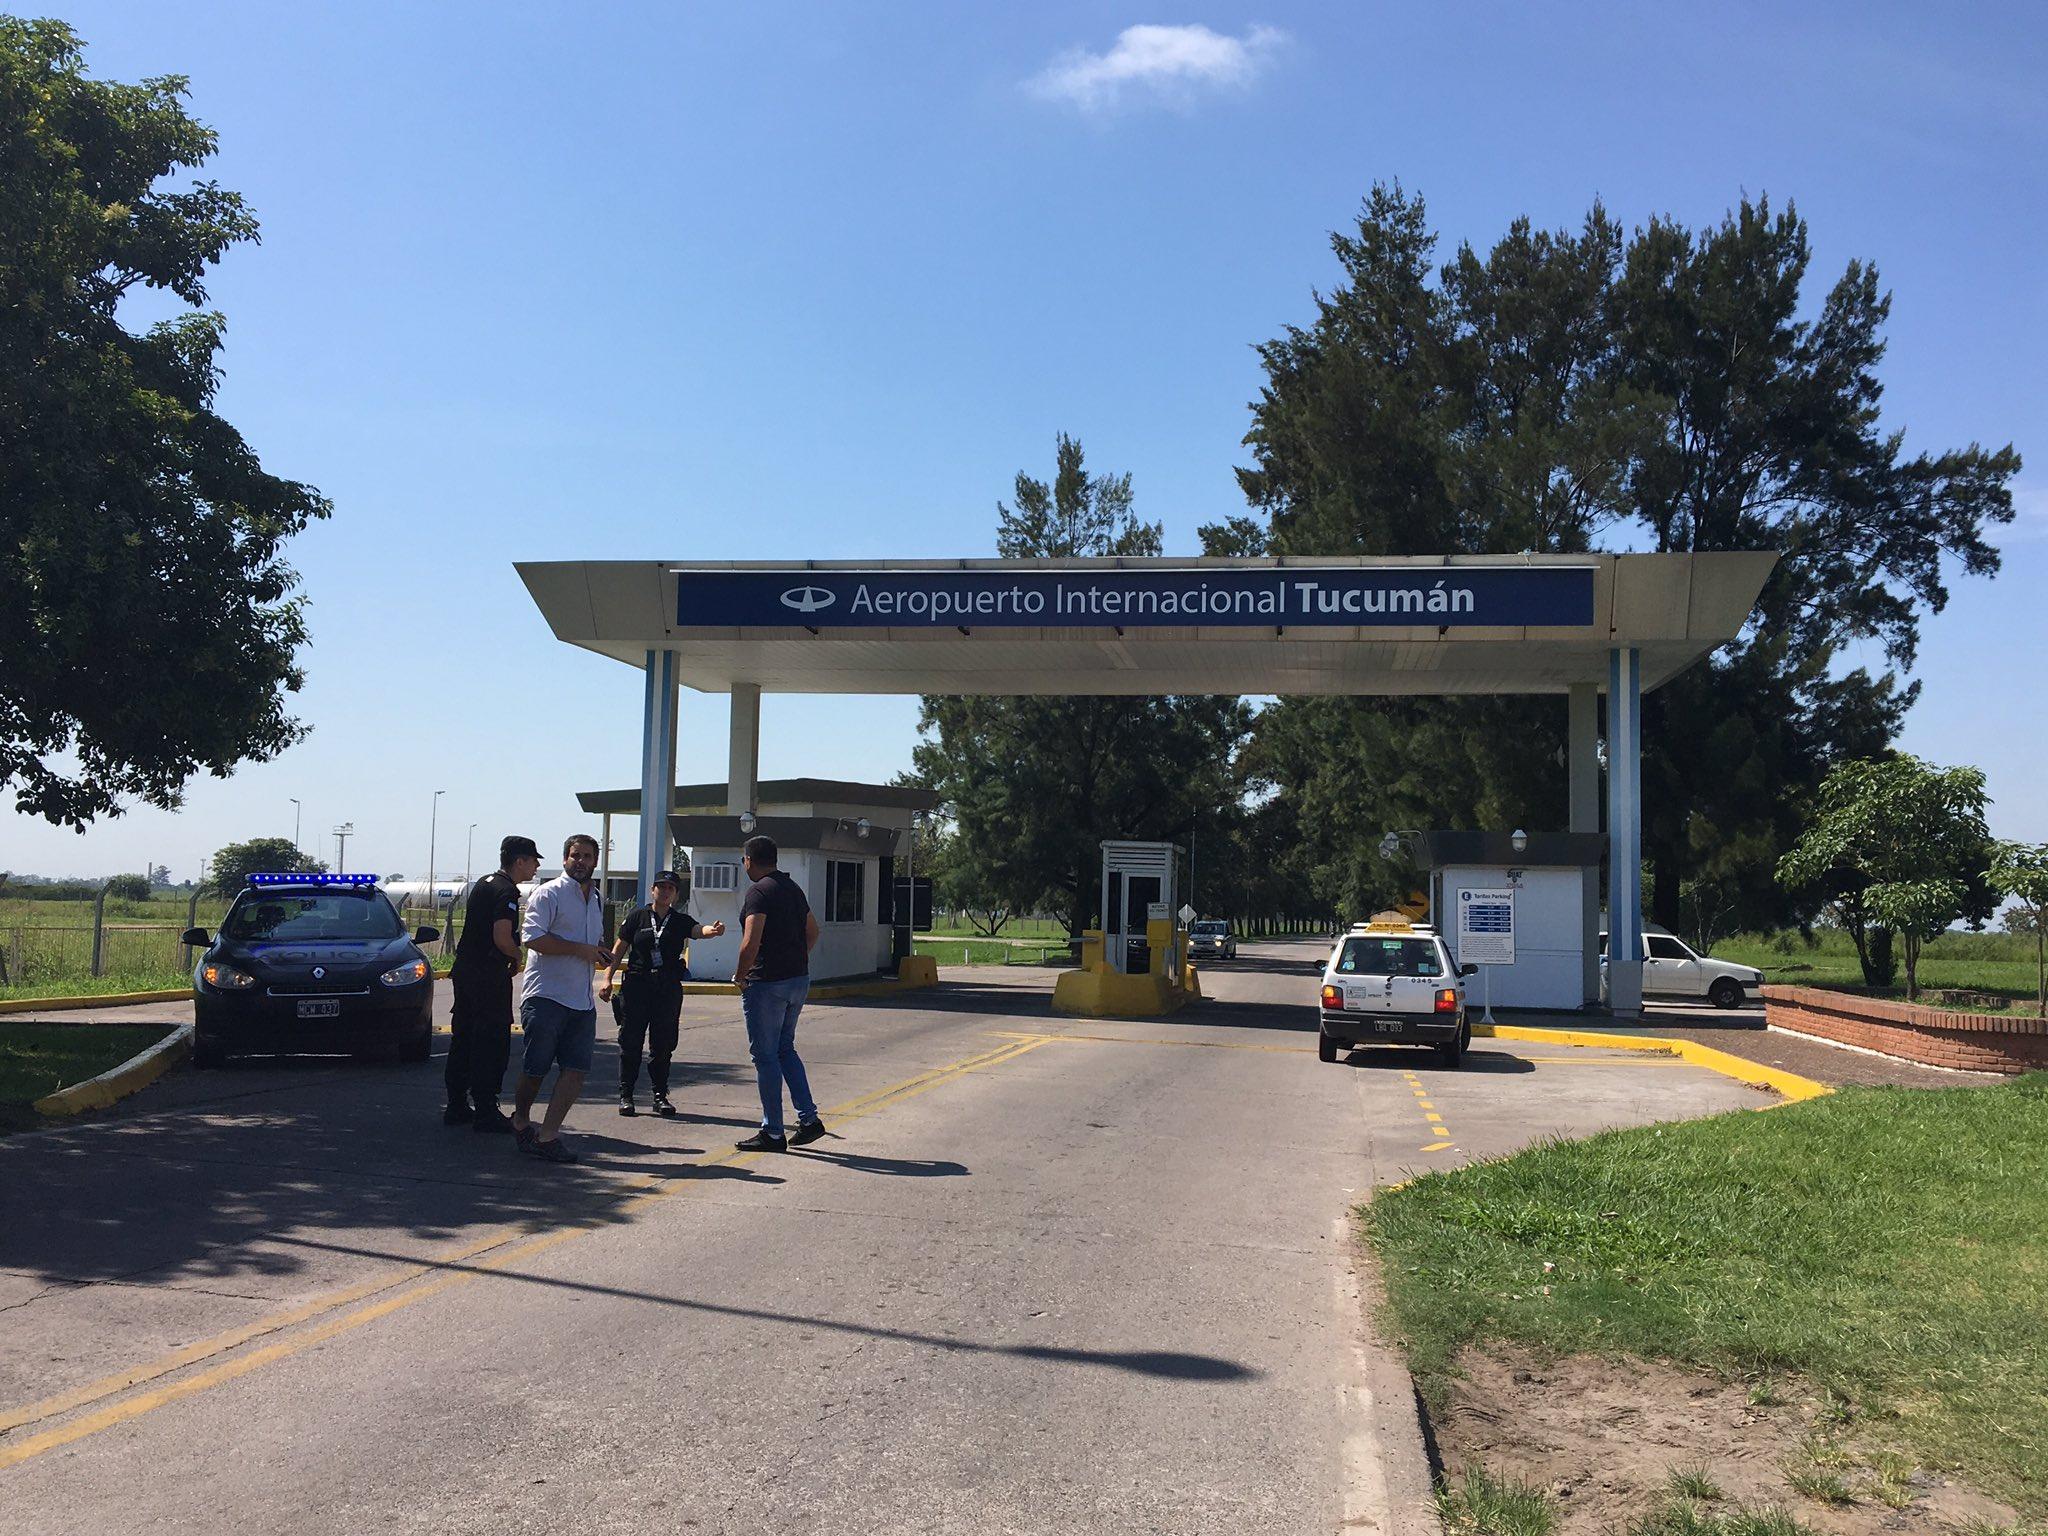 Thumbnail for Amenaza de bomba en el aeropuerto de Tucumán